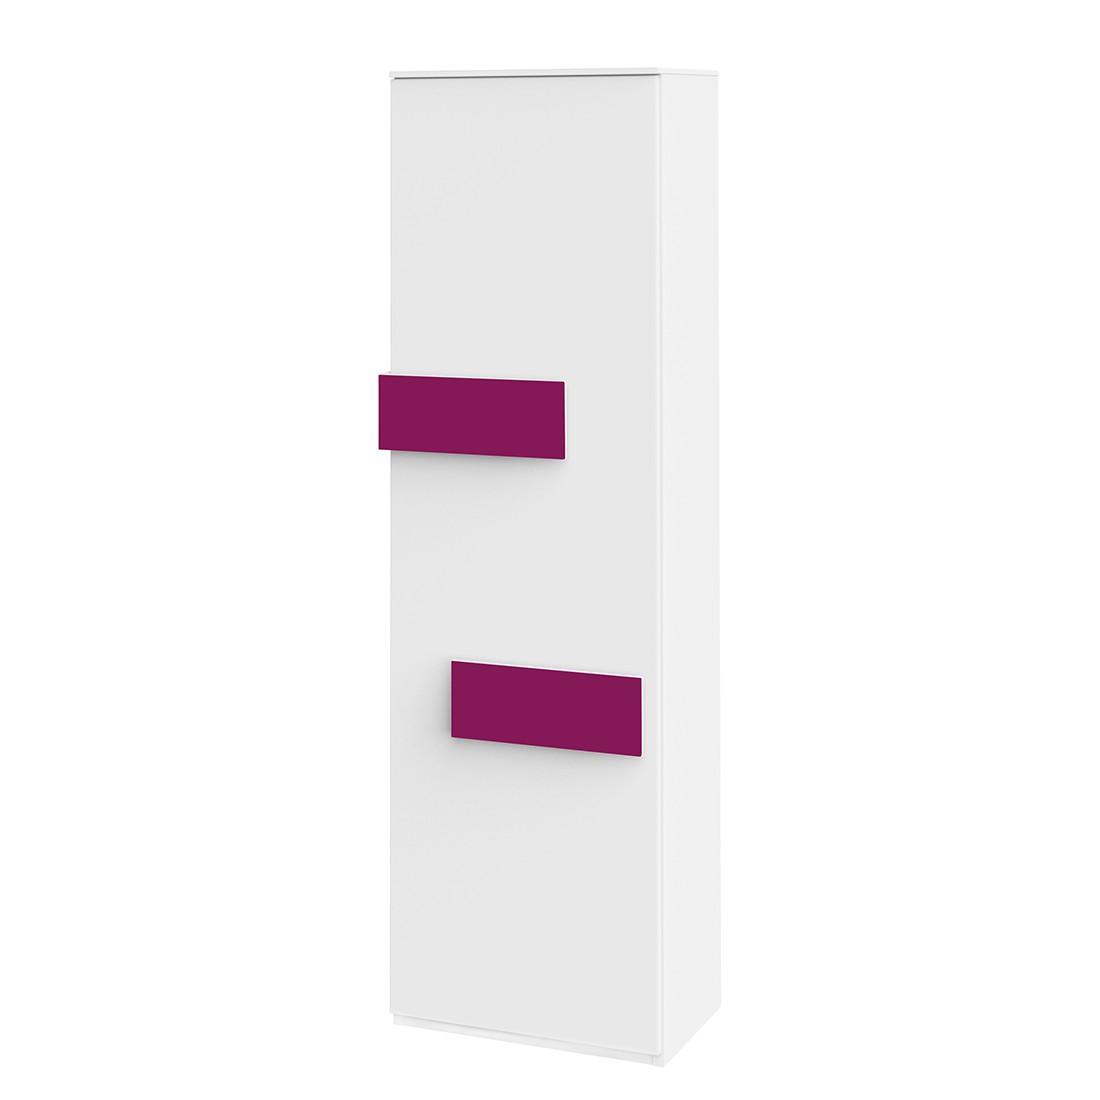 Hochschrank HiLight – Weiß / Pink – 51 cm (1-türig) – Türanschlag rechts – 179 cm, röhr bestellen